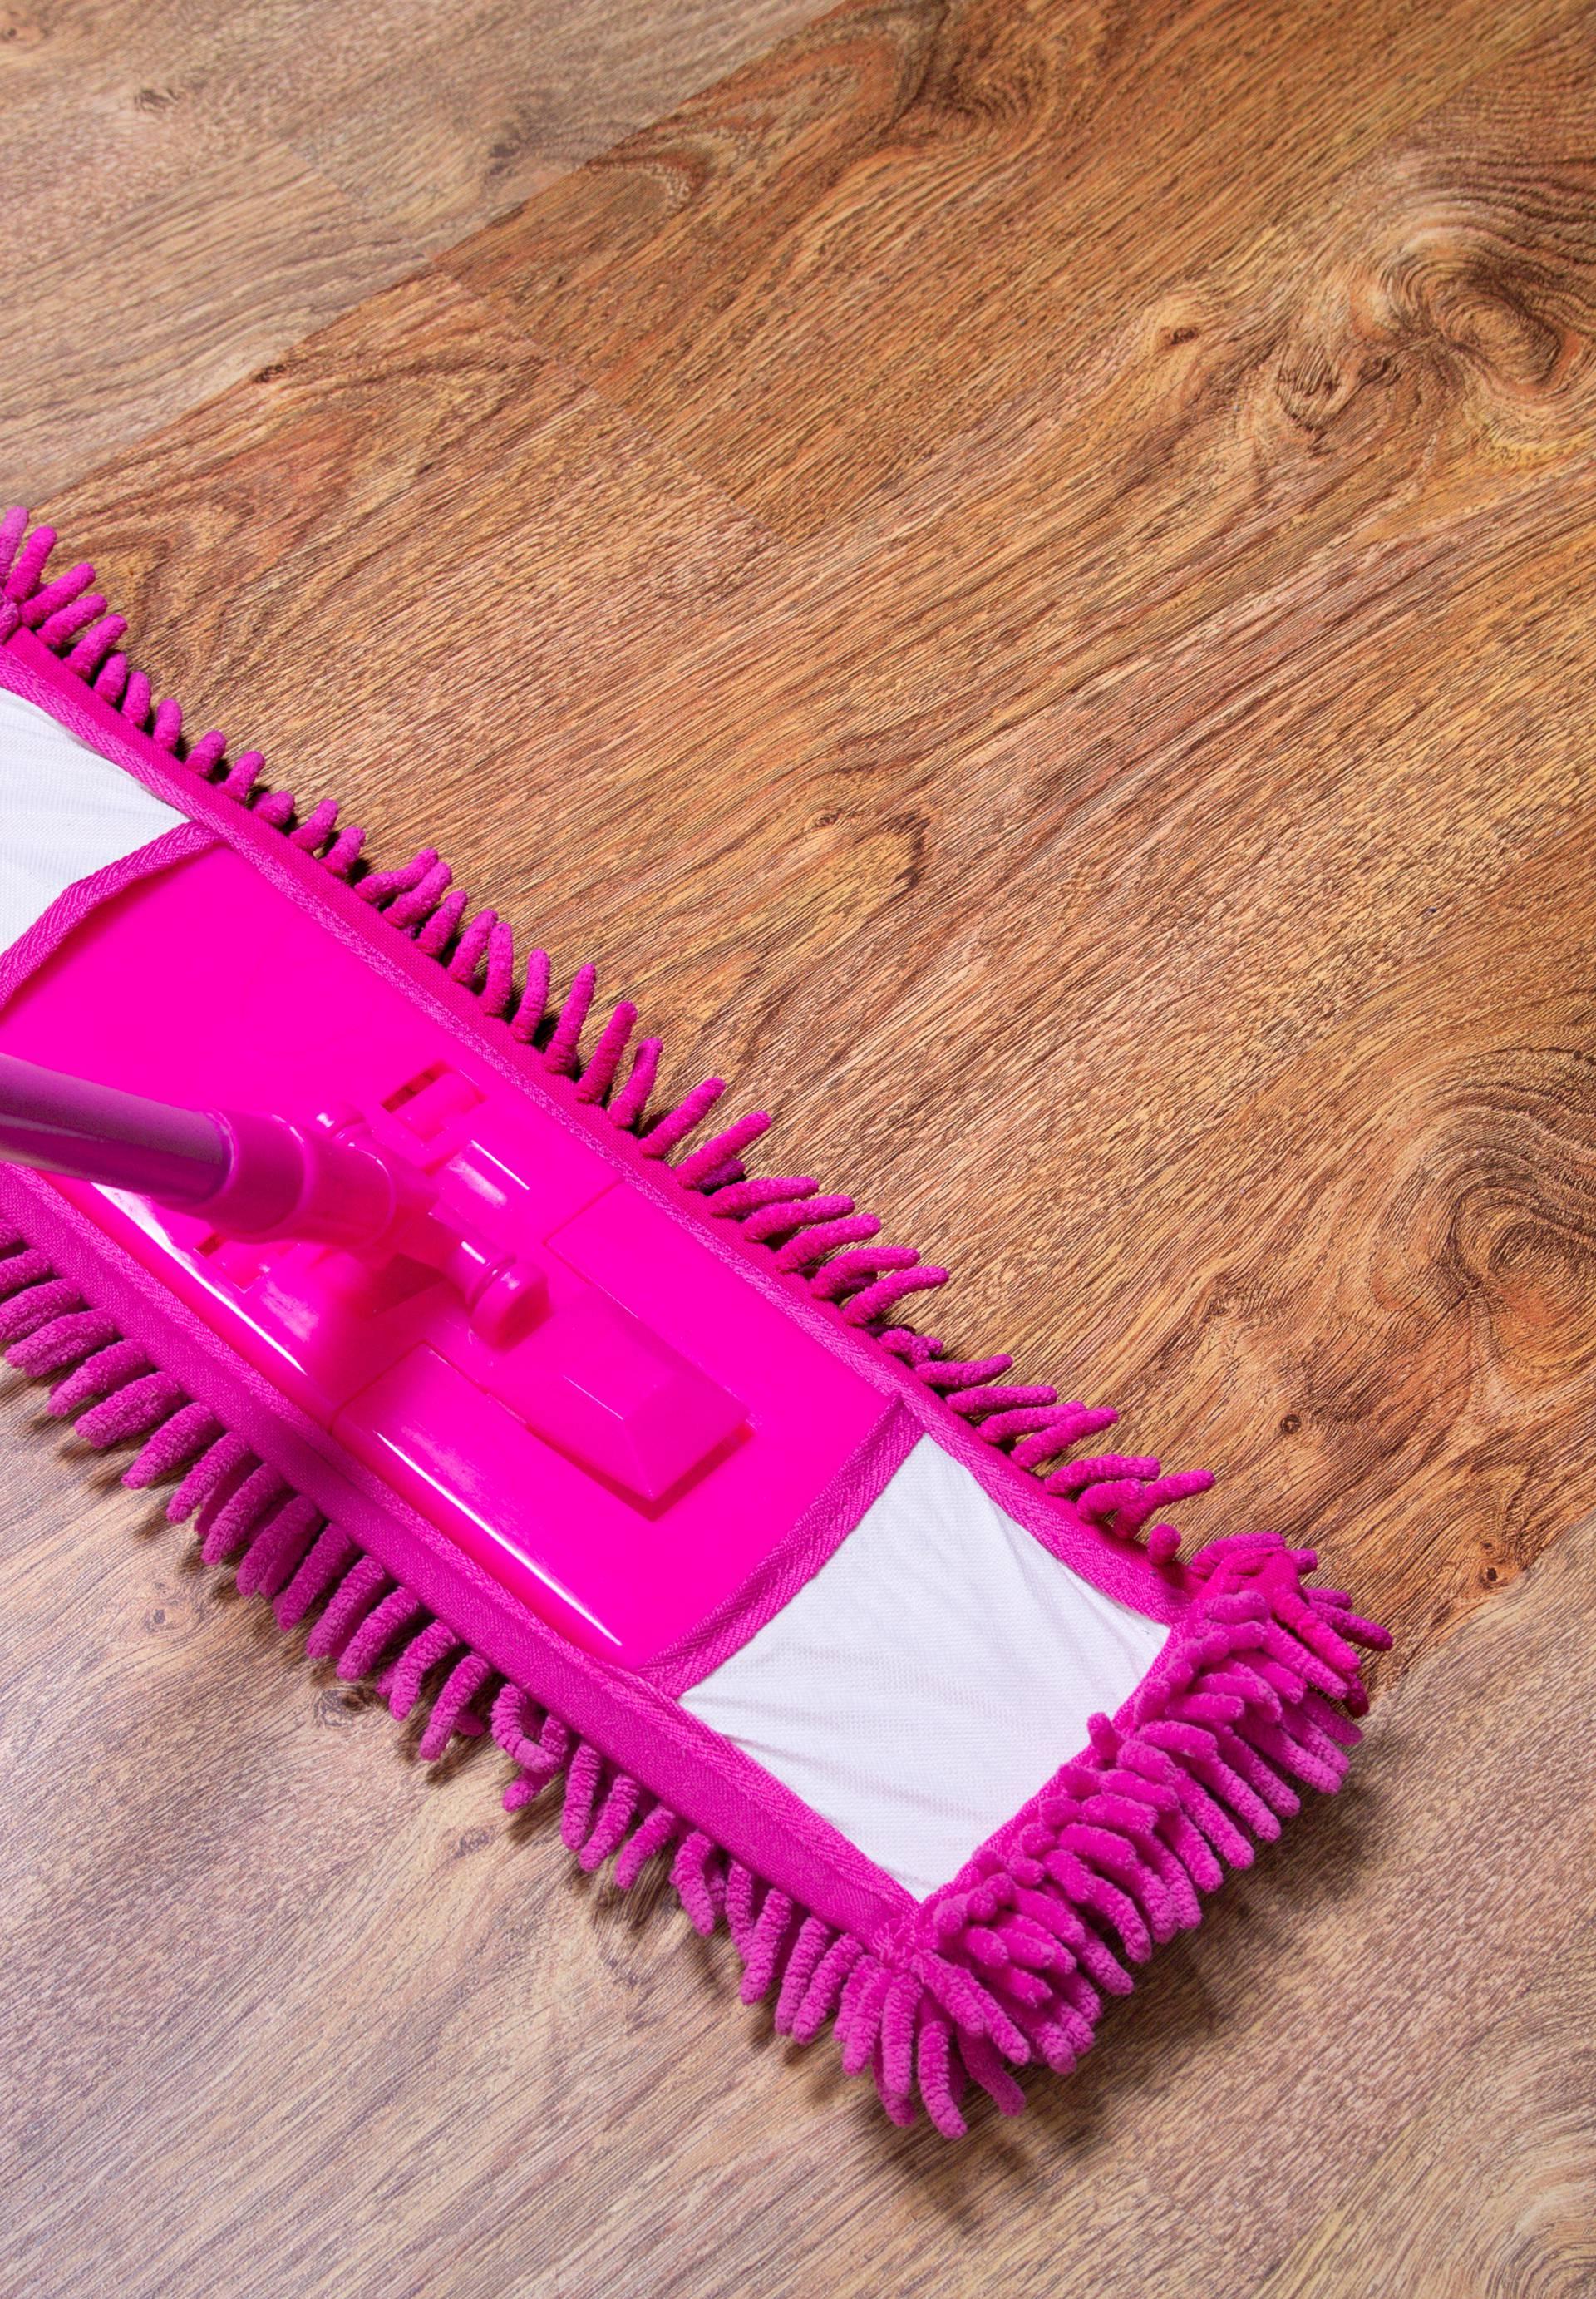 Tajni sastojak: Uz ovaj trik vaši podovi će biti sjajniji nego ikad